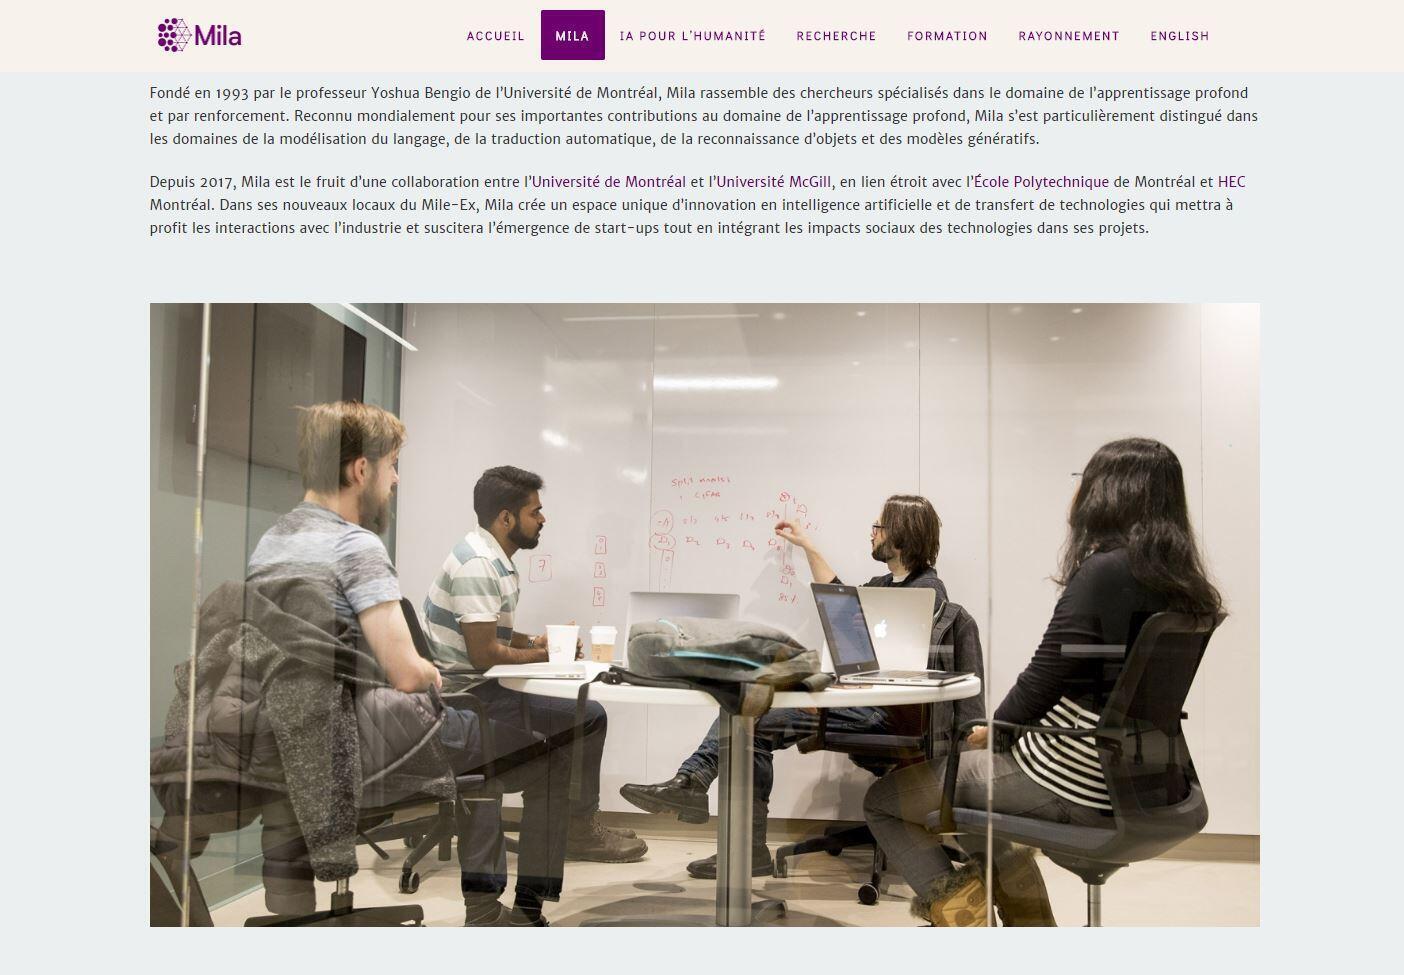 Capture d'écran issu du site internet de l'Institut québécois d'intelligence artificielle (Mila). Ce centre de recherche est mondialement connu pour son travail sur l'Intelligence artificielle.